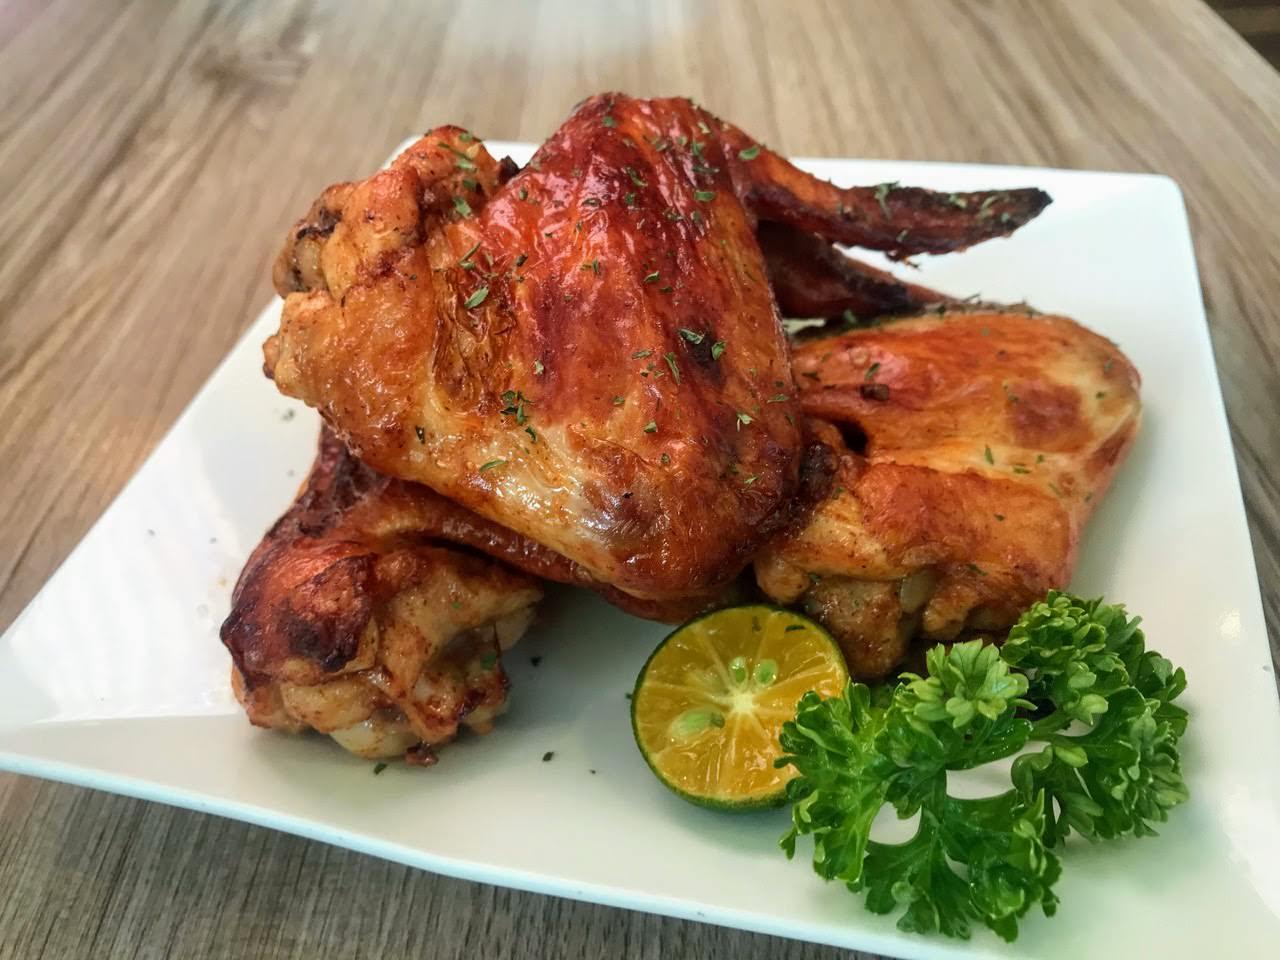 【新竹|東區】芙歐義式餐廳 FULLPASTA|一間用心做好料理的高品質義式親子餐廳|朋友聚餐|公司聚餐|家庭聚餐推薦